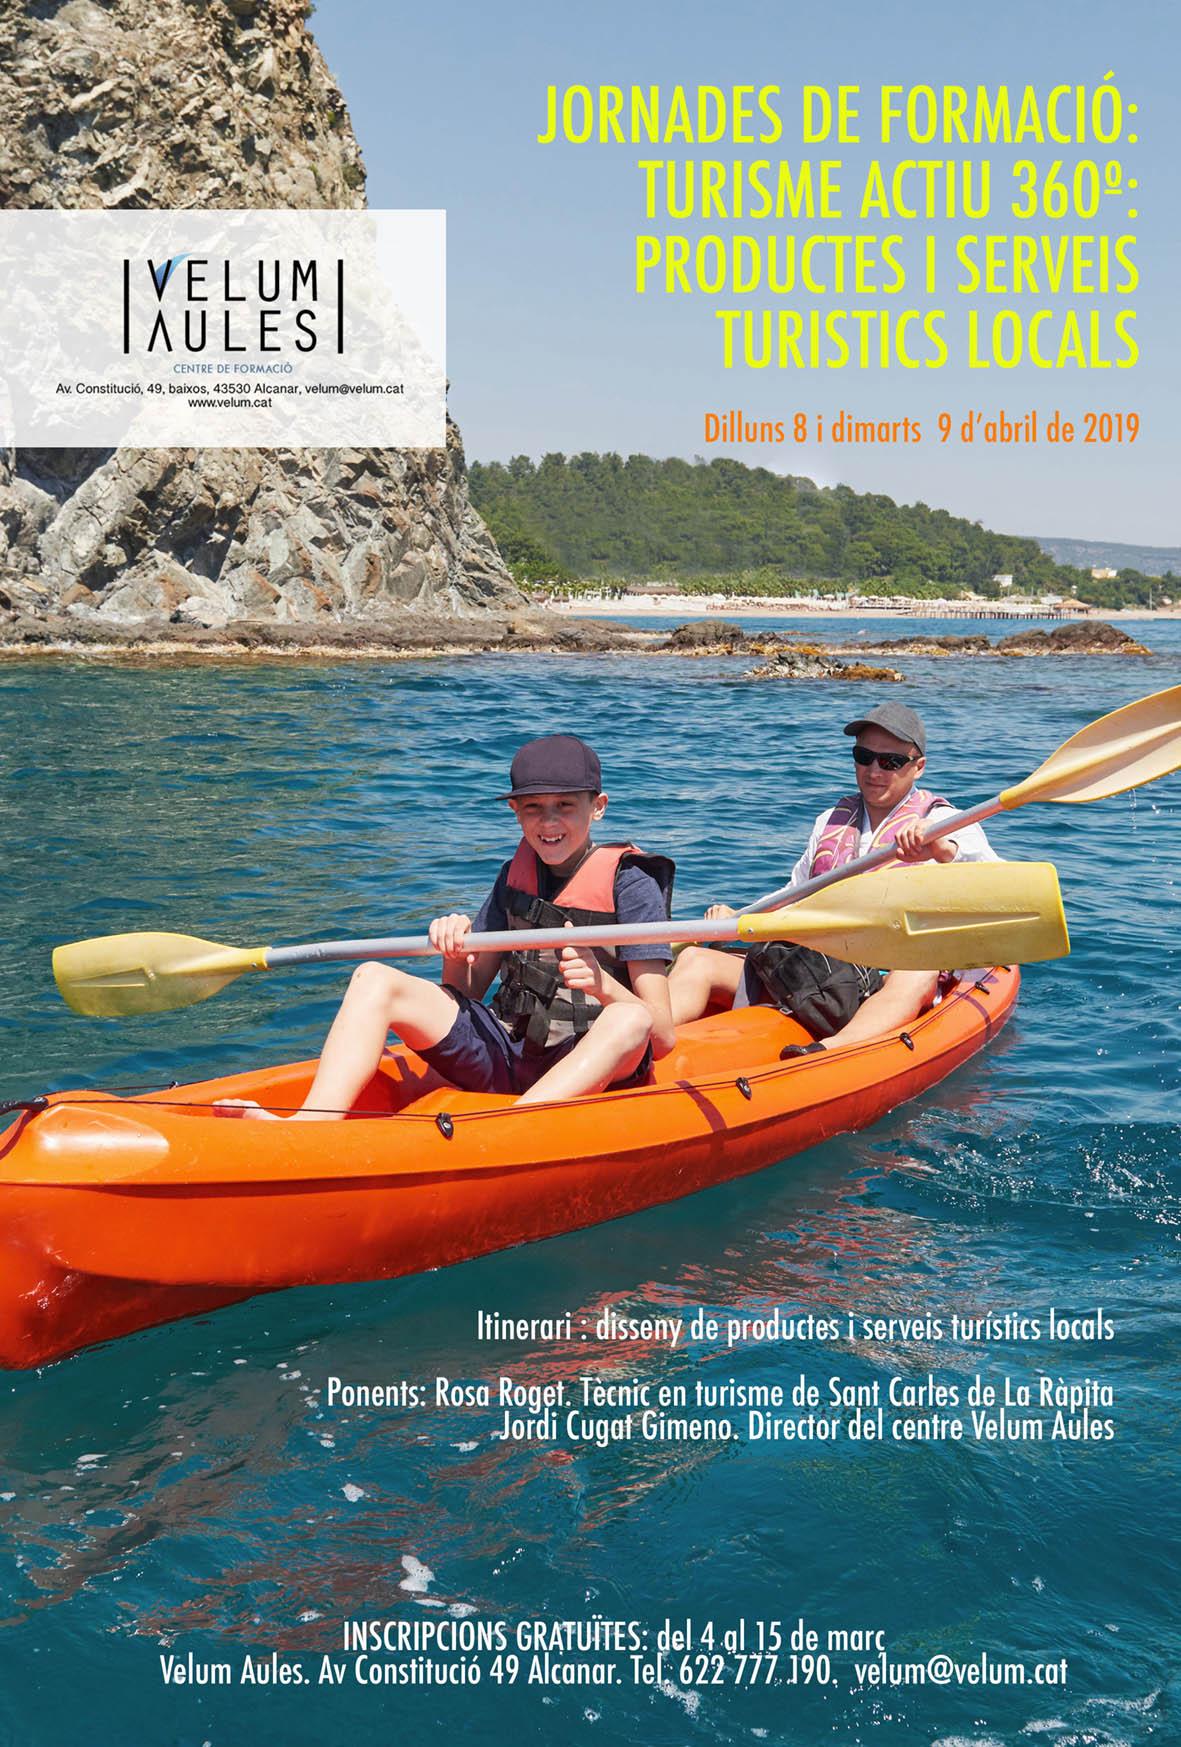 Jornades de formació: Turisme actiu 360º: Productes i serveis turistics locals